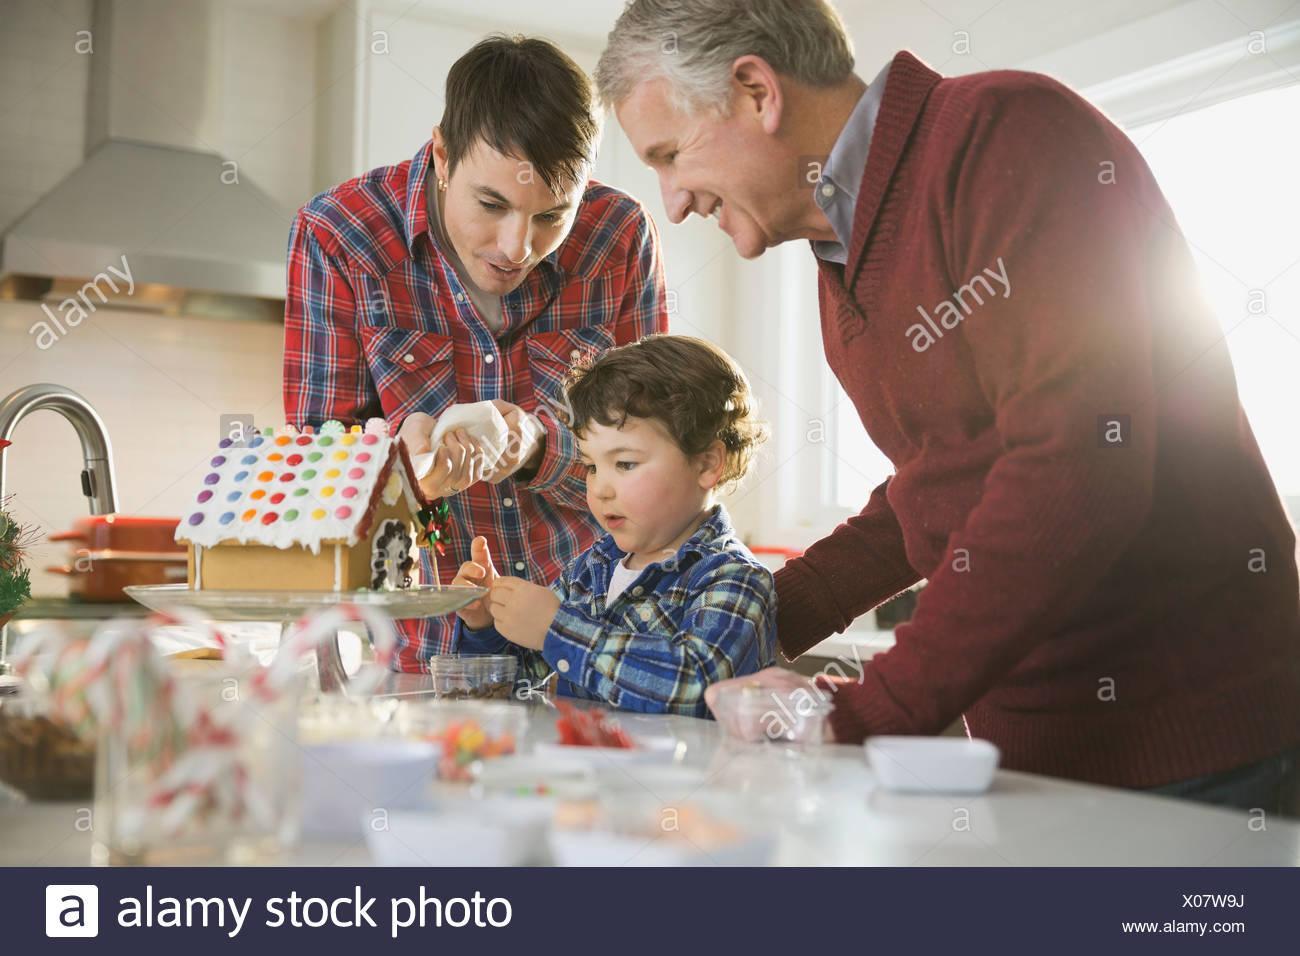 Trois hommes génération decorating Gingerbread House à Noël Photo Stock